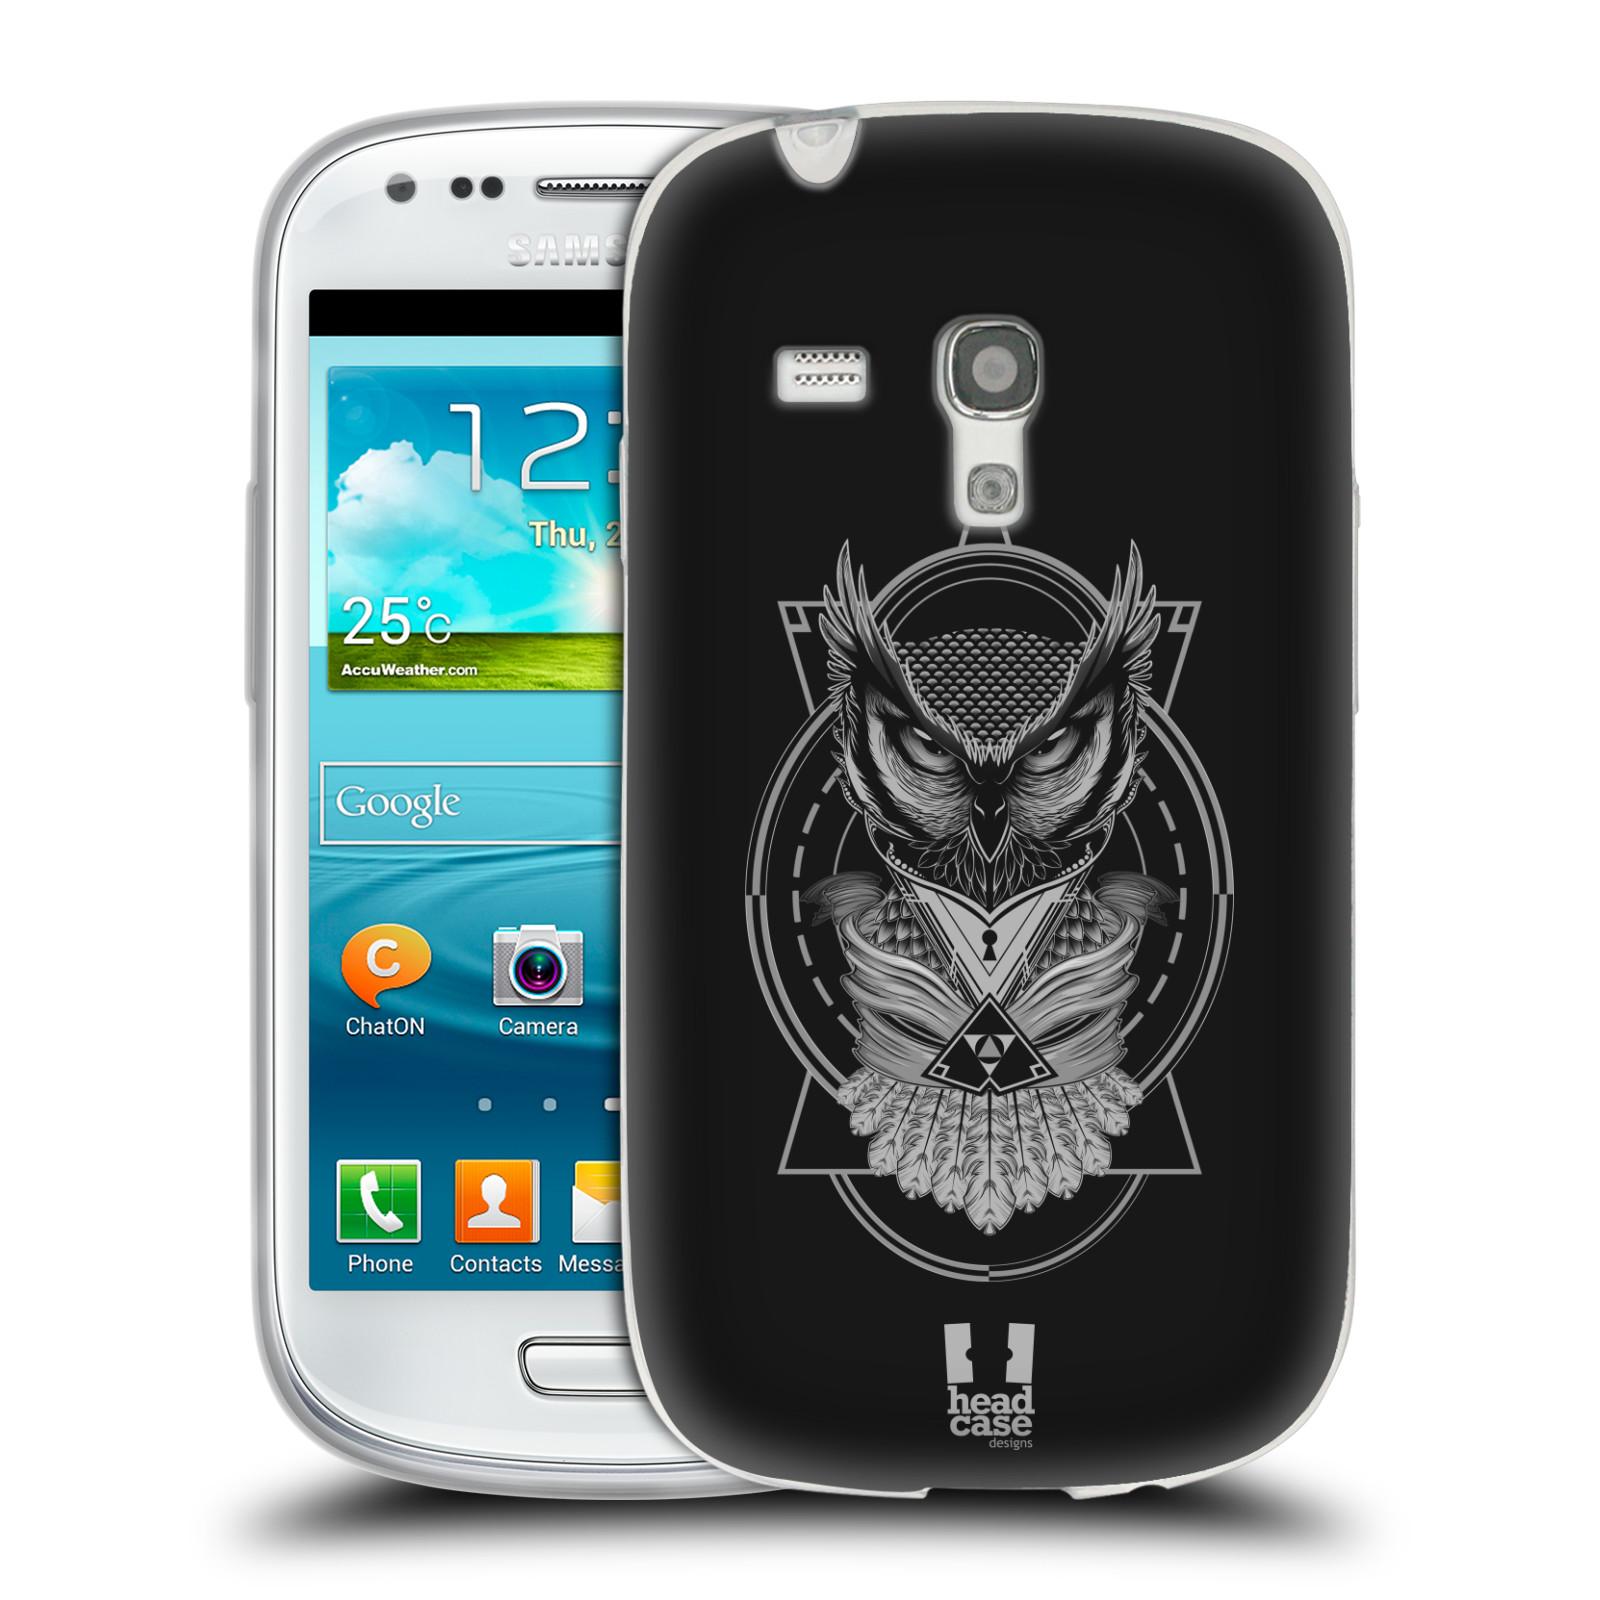 Silikonové pouzdro na mobil Samsung Galaxy S3 Mini VE - Head Case - Krutá sova (Silikonový kryt či obal na mobilní telefon s krutým motivem pro Samsung Galaxy S3 Mini VE GT-i8200)